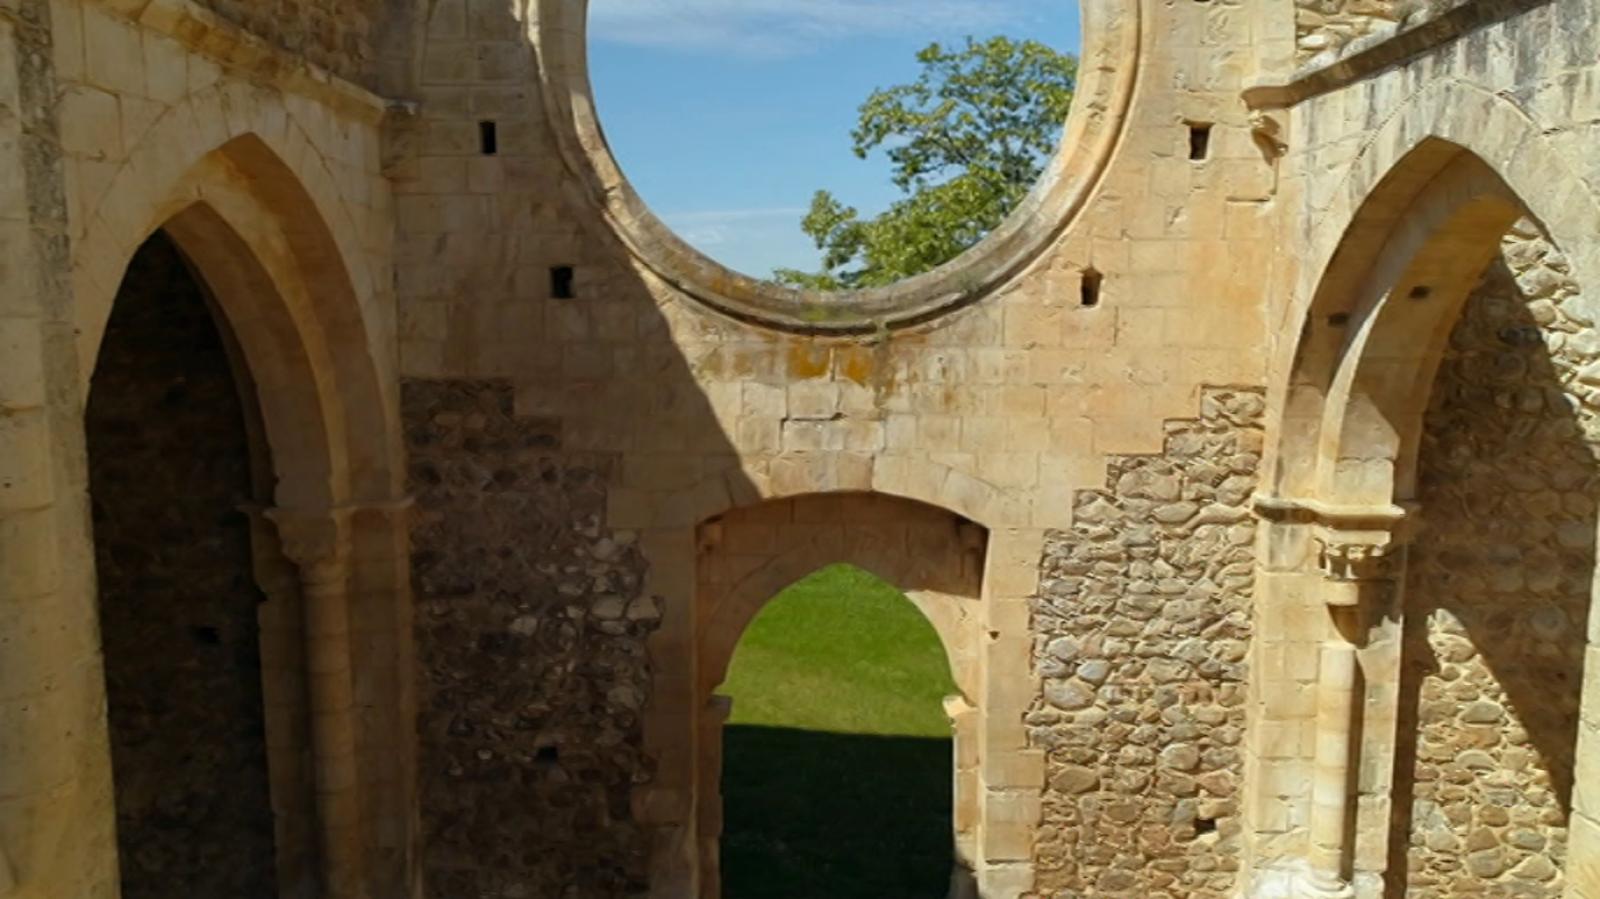 Las rutas de Verónica - Segovia - ver ahora